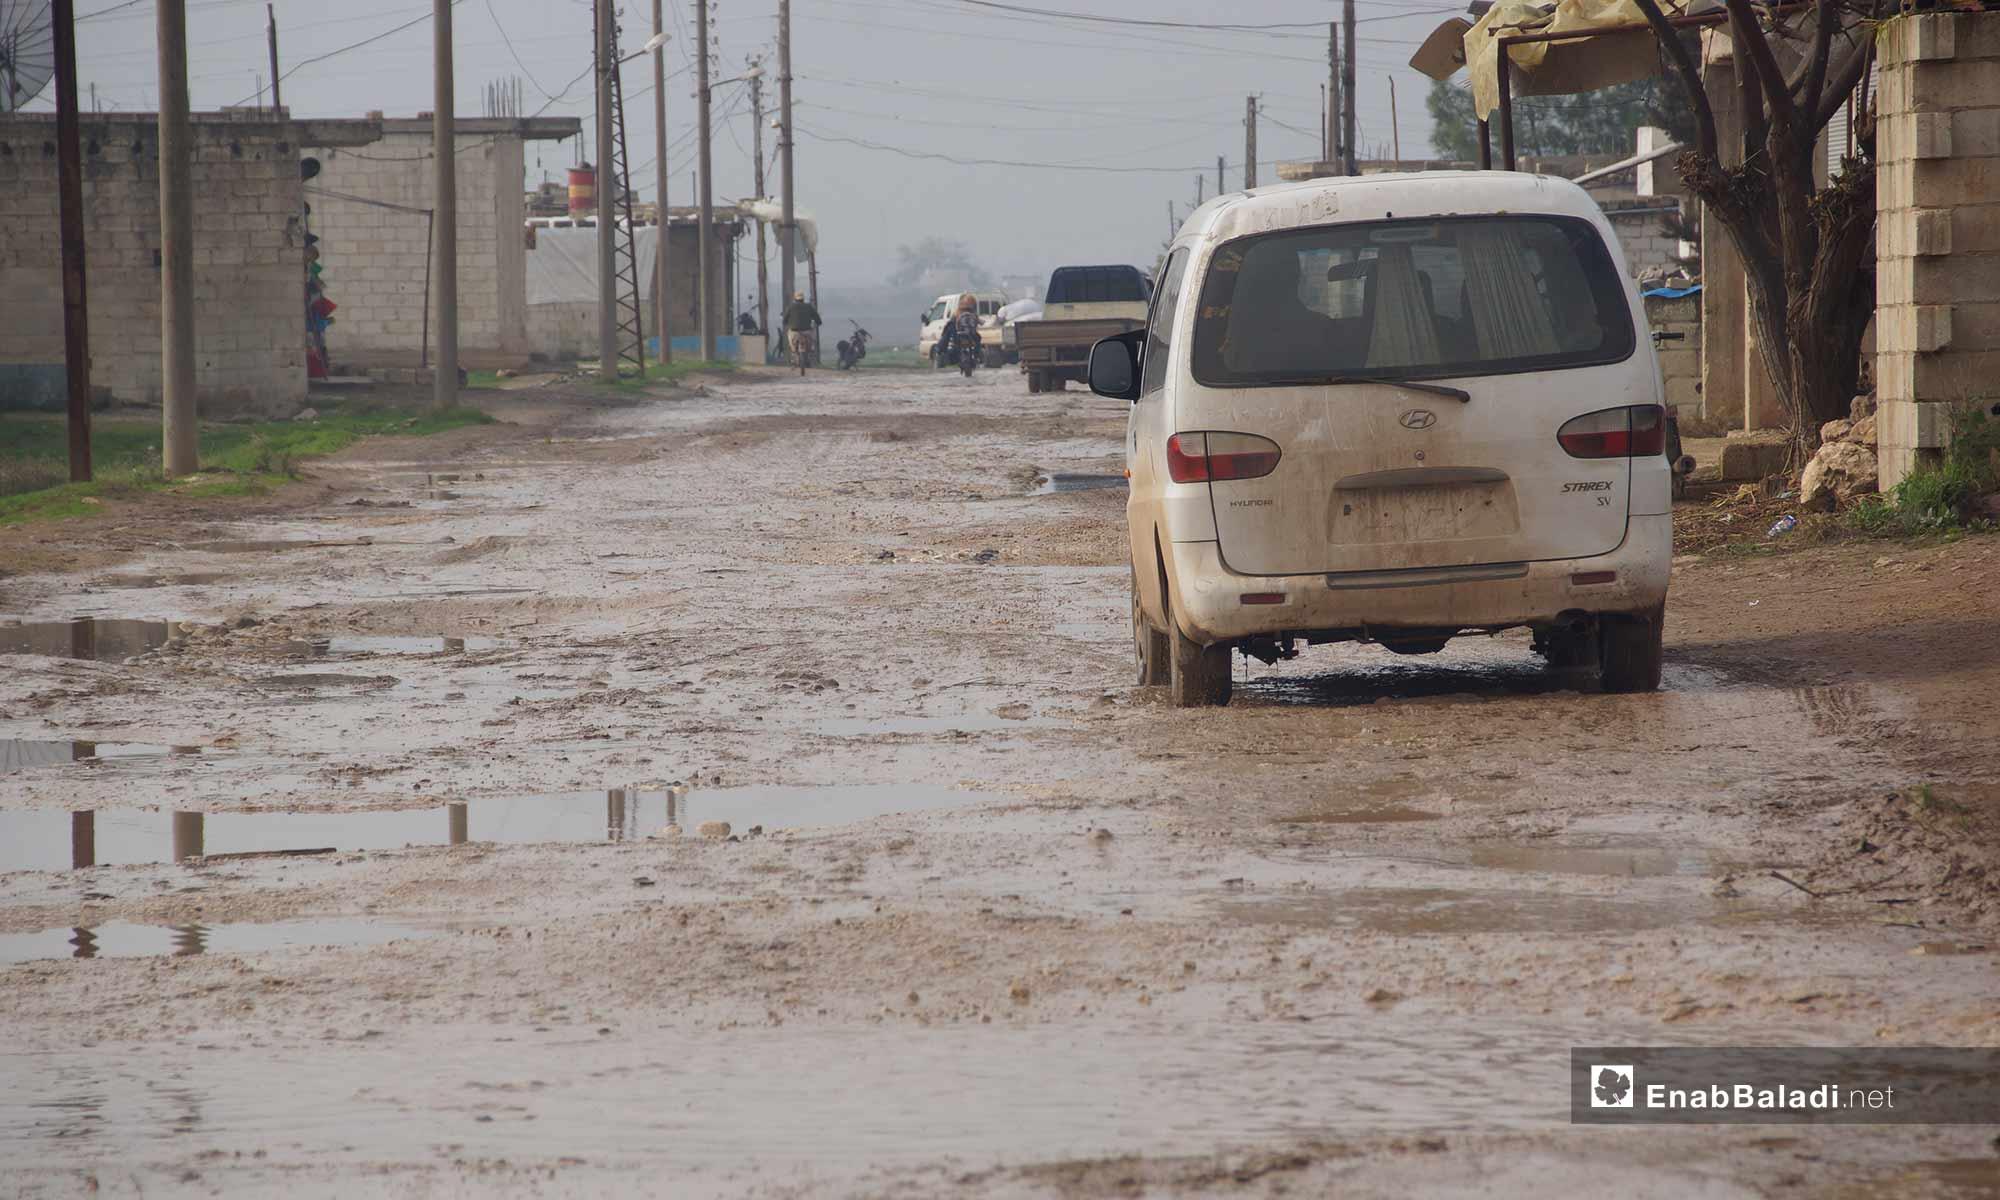 وعورة الطرقات بسبب الأمطار في قرية الحواش غربي حماة - 3 من كانون الأول 2018 (عنب بلدي)